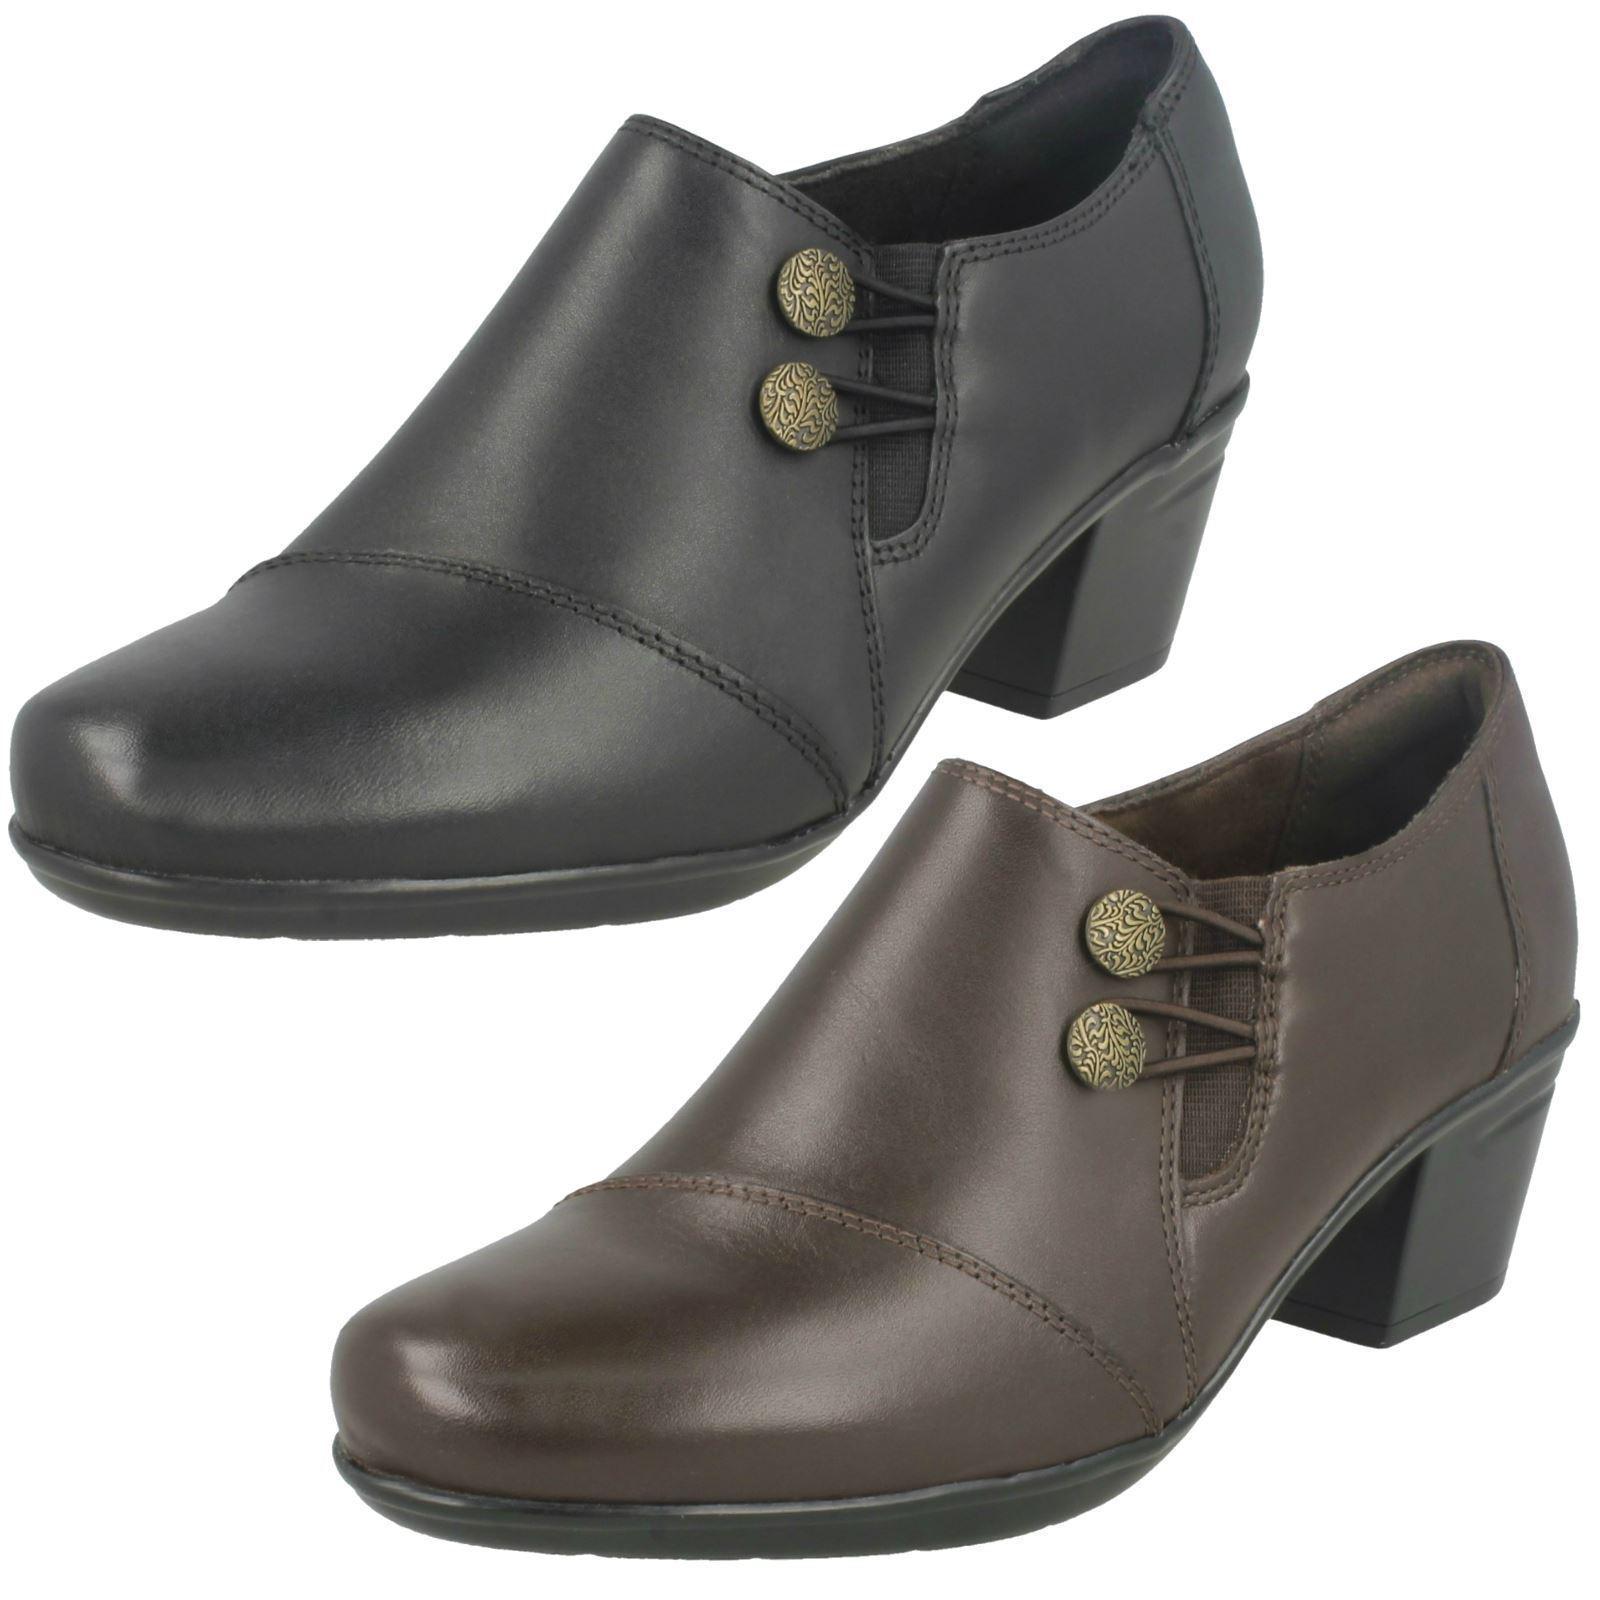 Damen Clarks Emslie Warren Leder Smart Absatz Hose Schuhe